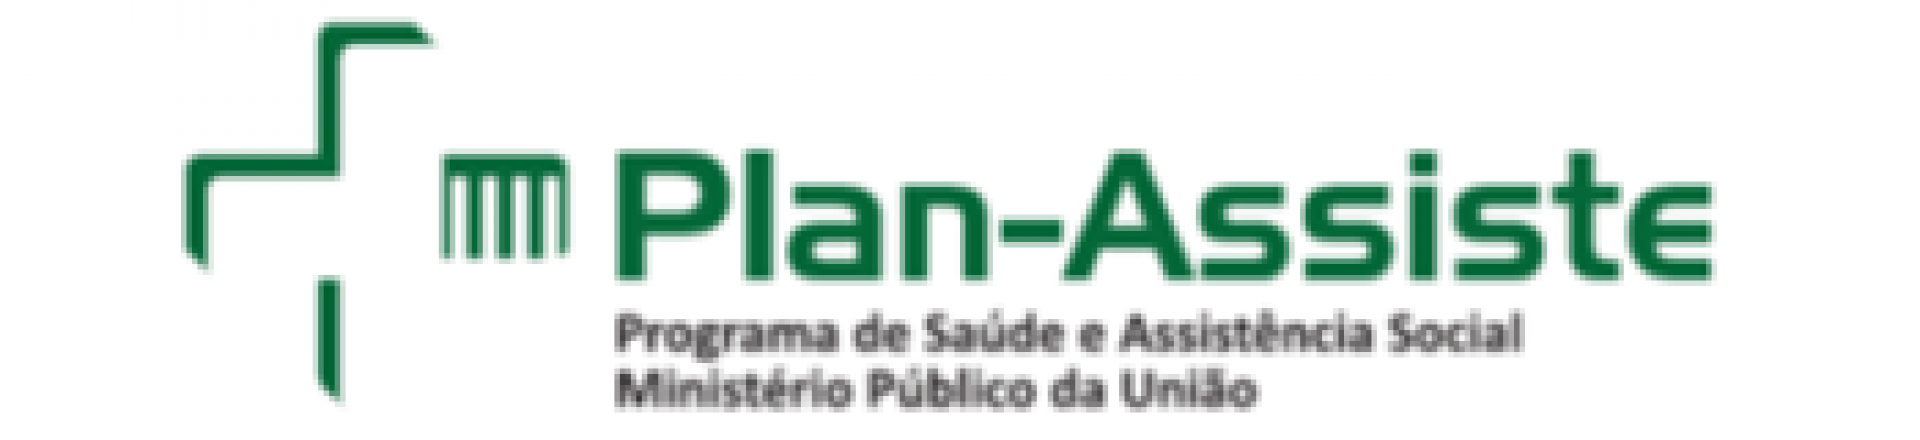 PLAN-ASSISTE - Ministério Público da União - Programa de Saúde e Assistência Social